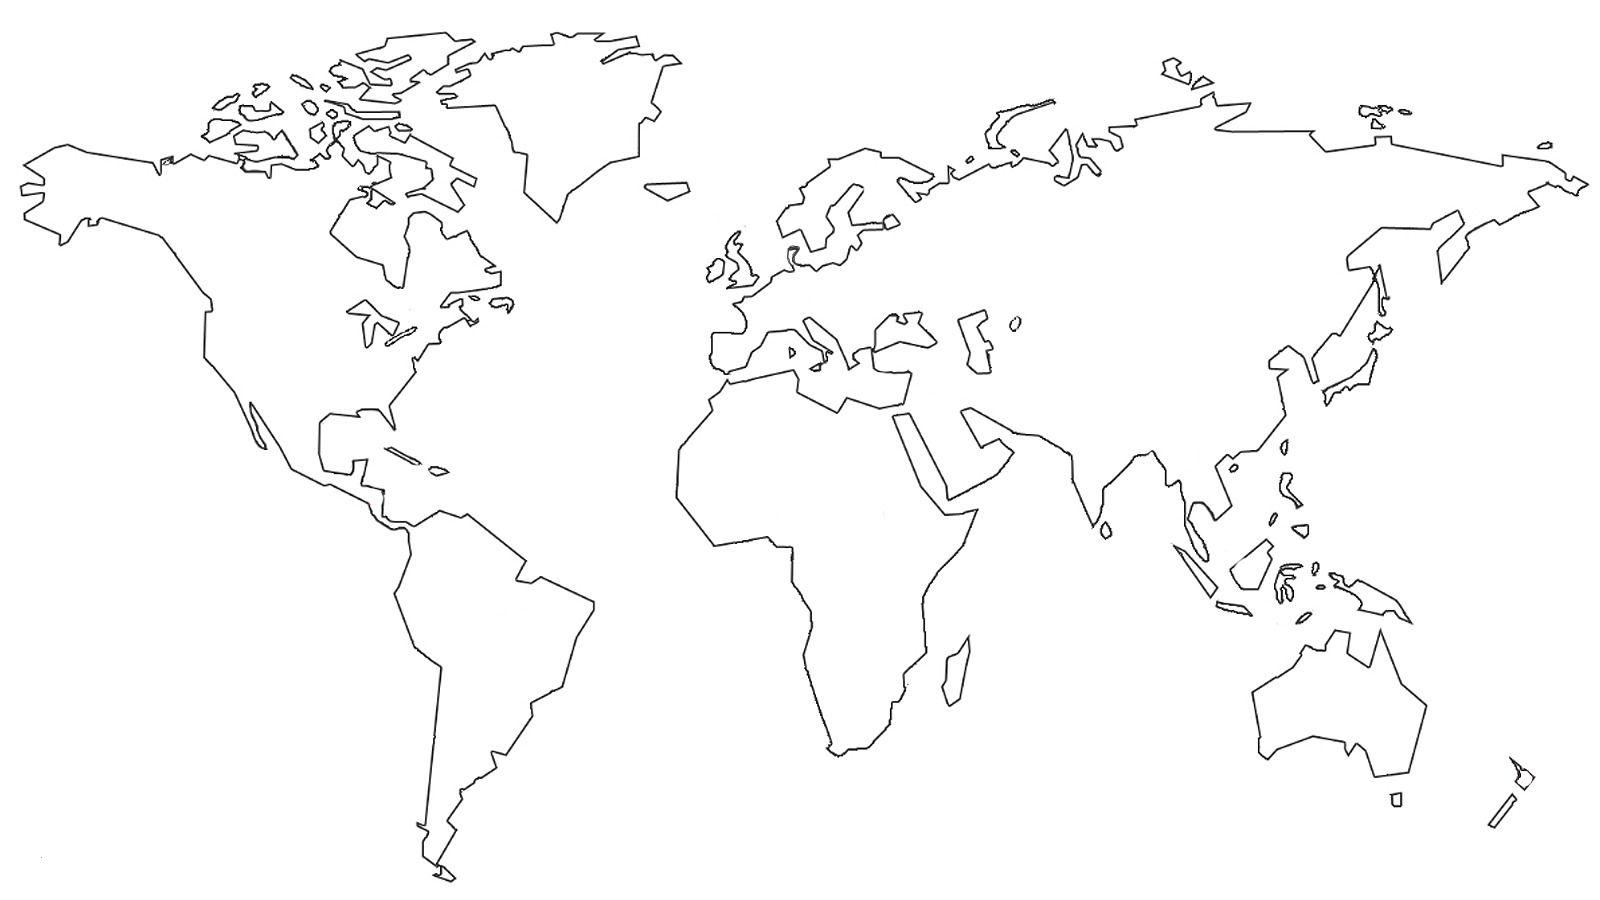 Ausmalbilder Weltkarte Best Of Weltkarte Schwarz Weiß über Ausmalbilder Kontinente